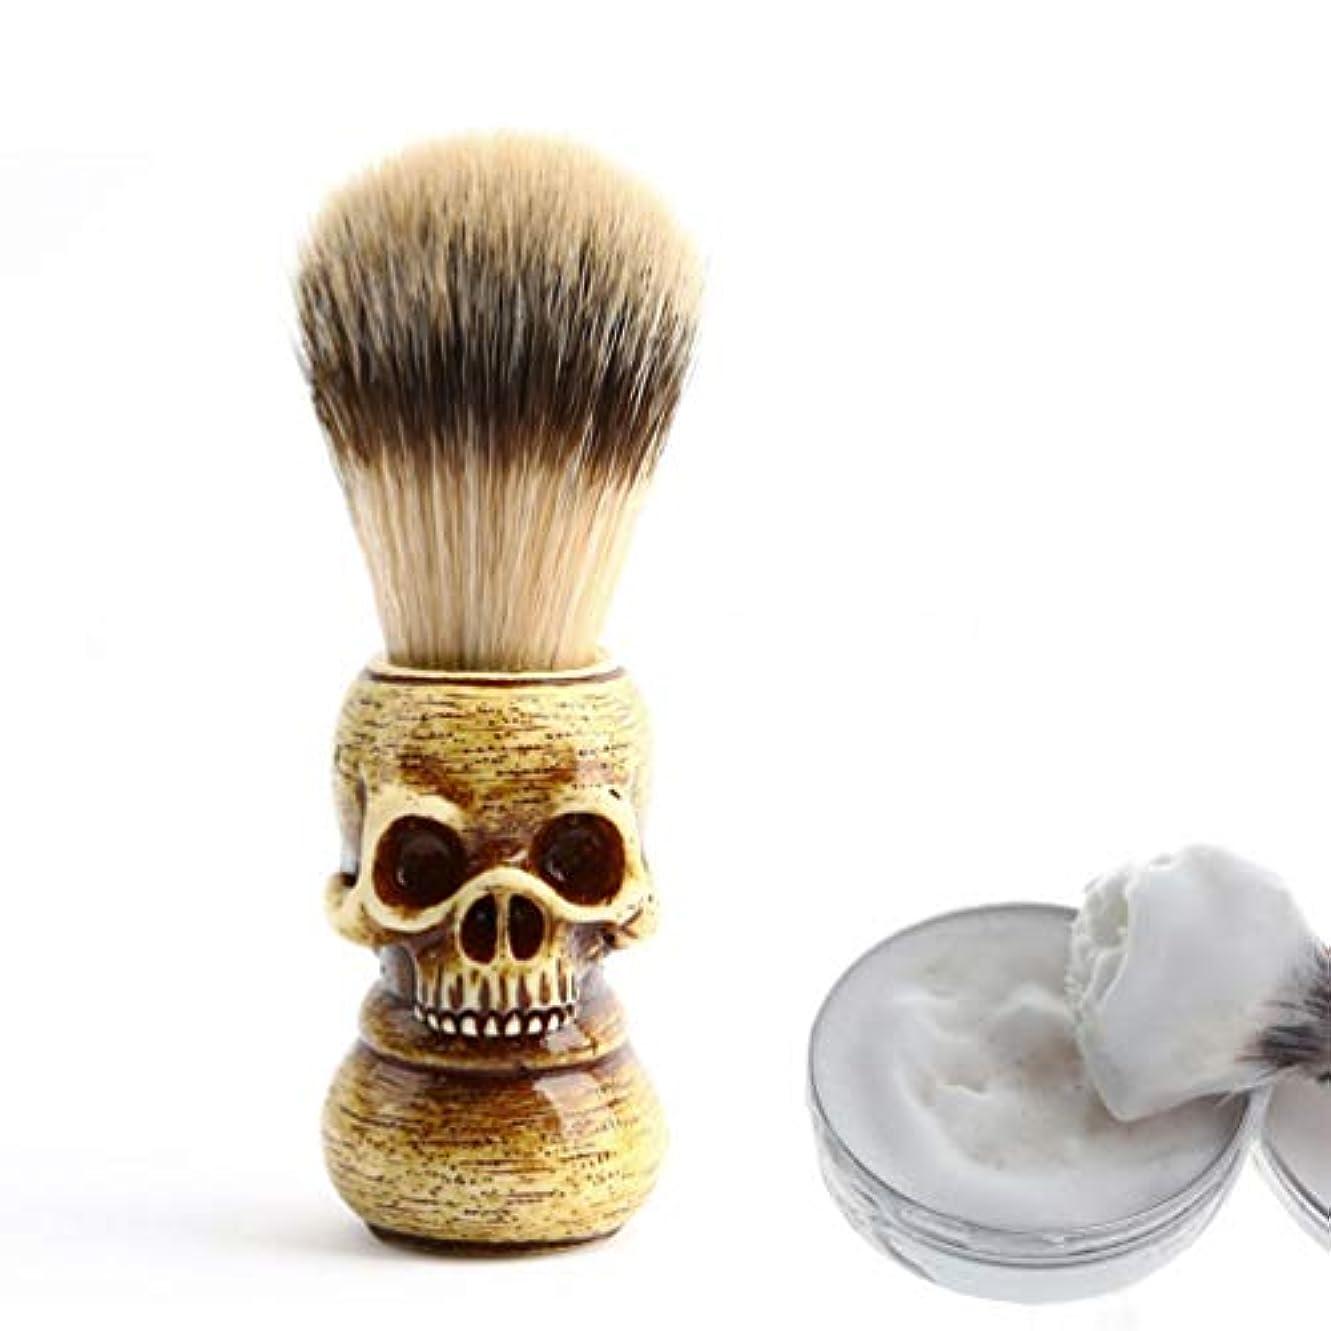 誓う電池しがみつくVosarea 1ピーススカルヘッドひげブラシポータブルメンズ軽量アナグマヘアブラシ口ひげ毛剃りブラシグルーミングツール